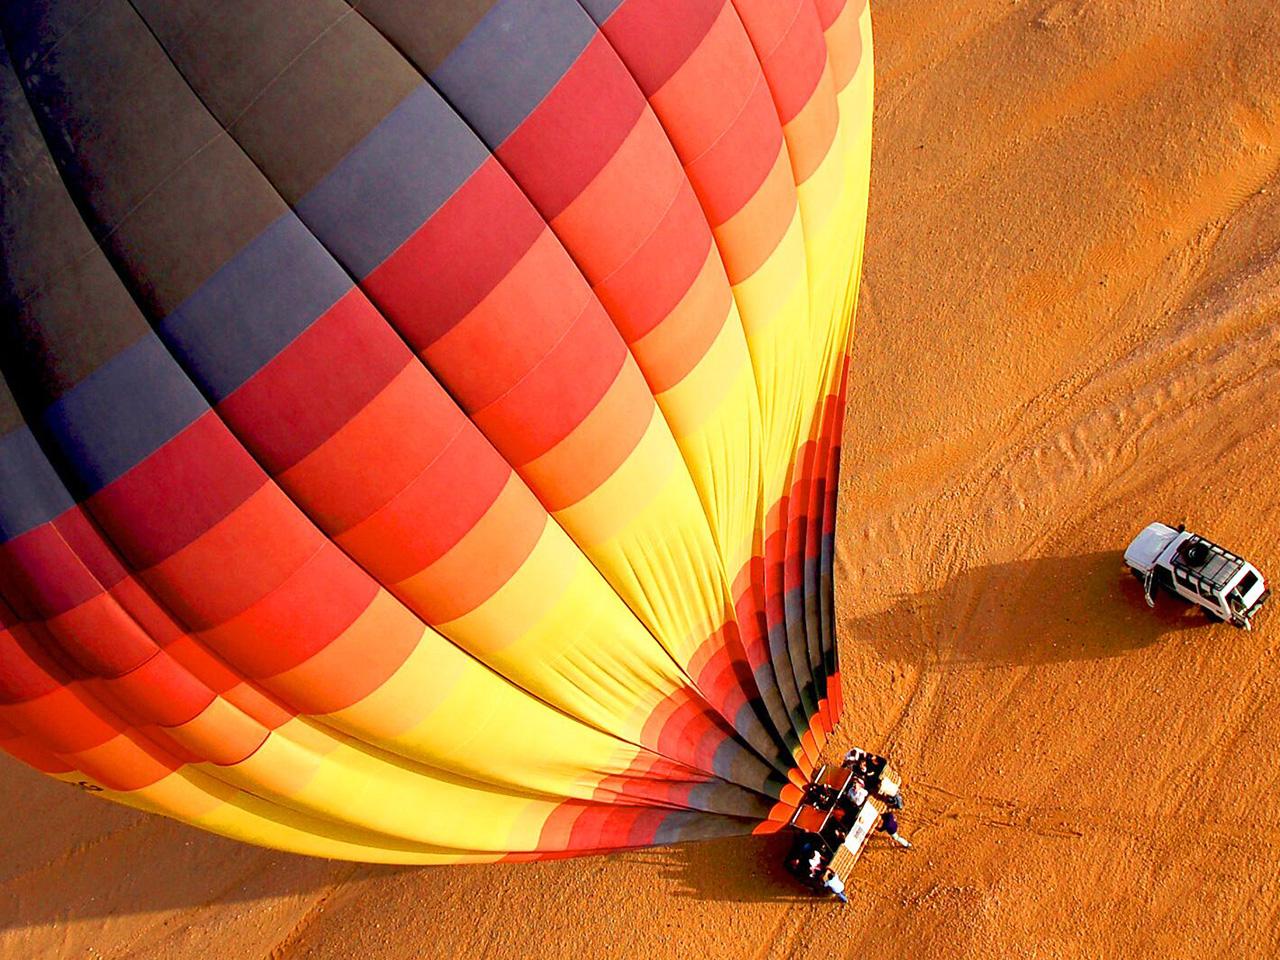 Hot air balloon desert Dubai tour